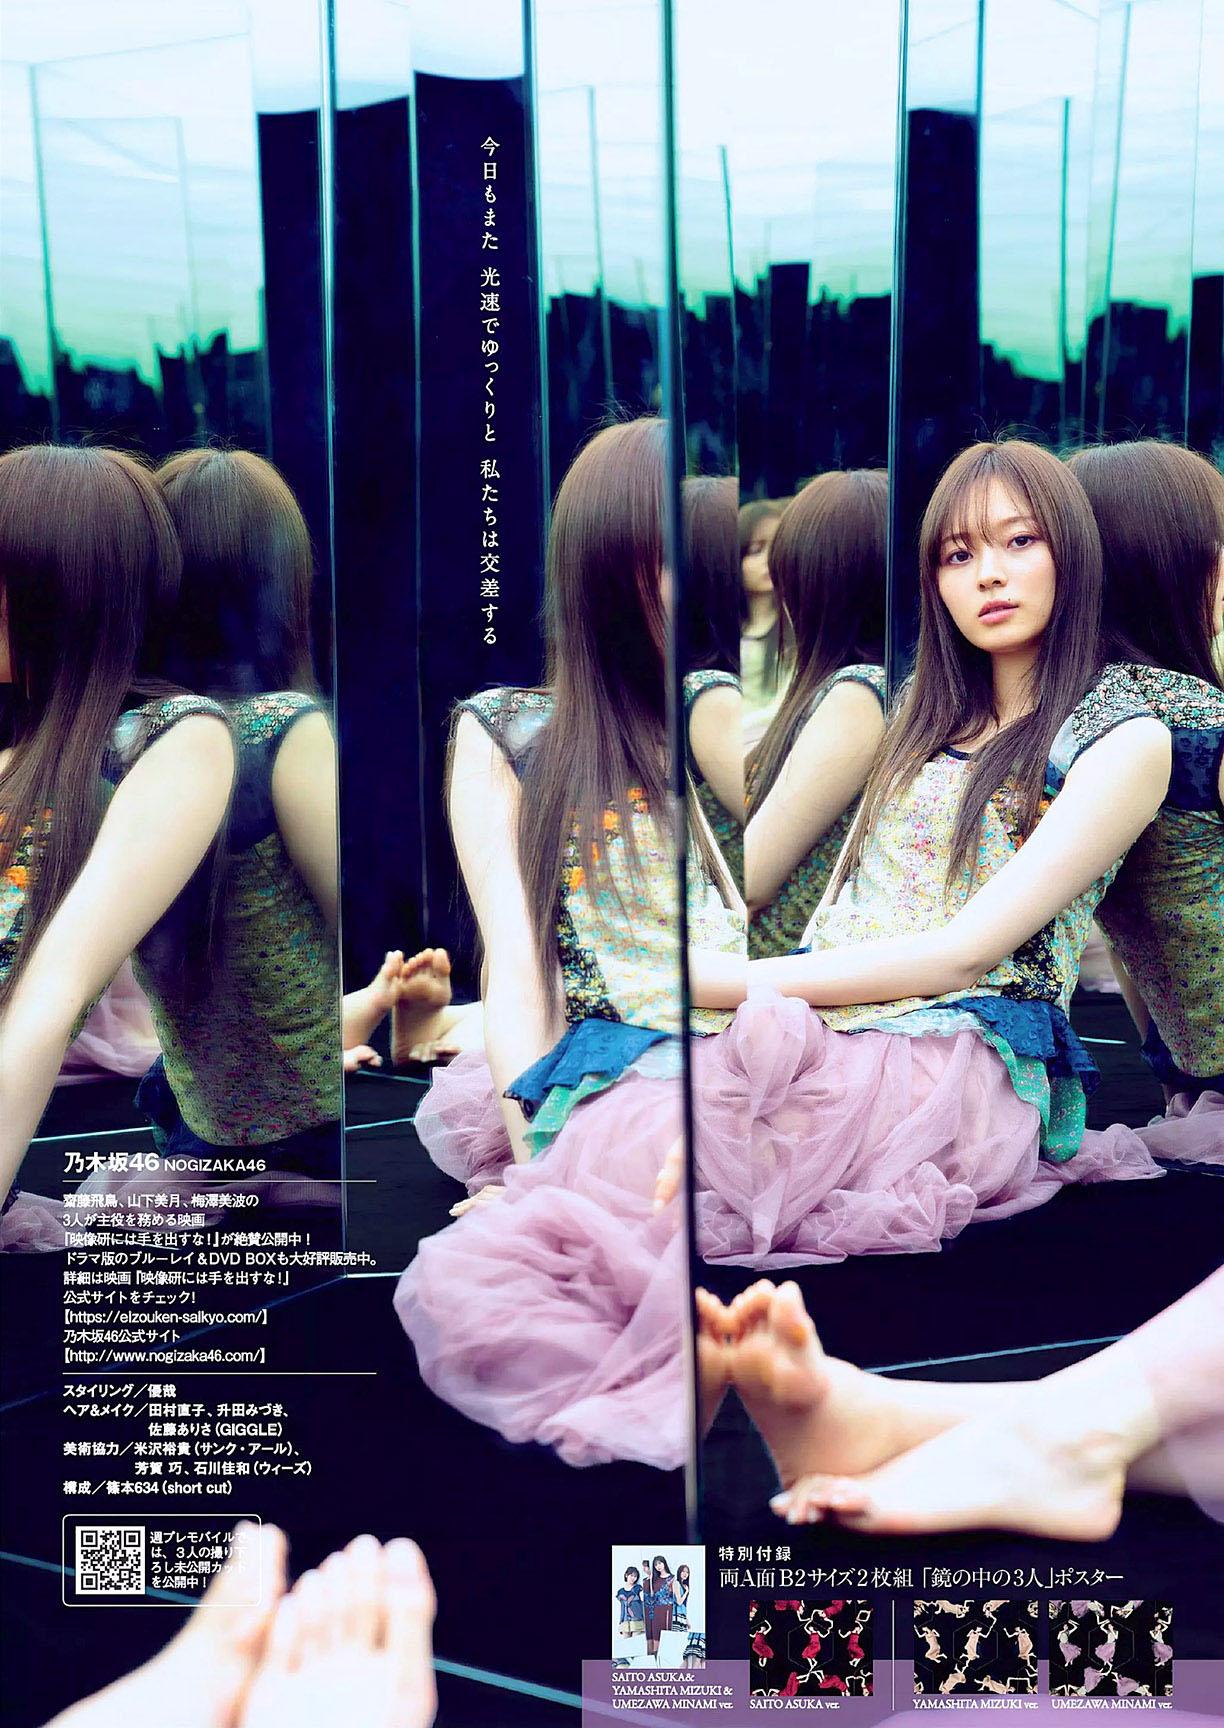 N46 WPB 201012 20.jpg